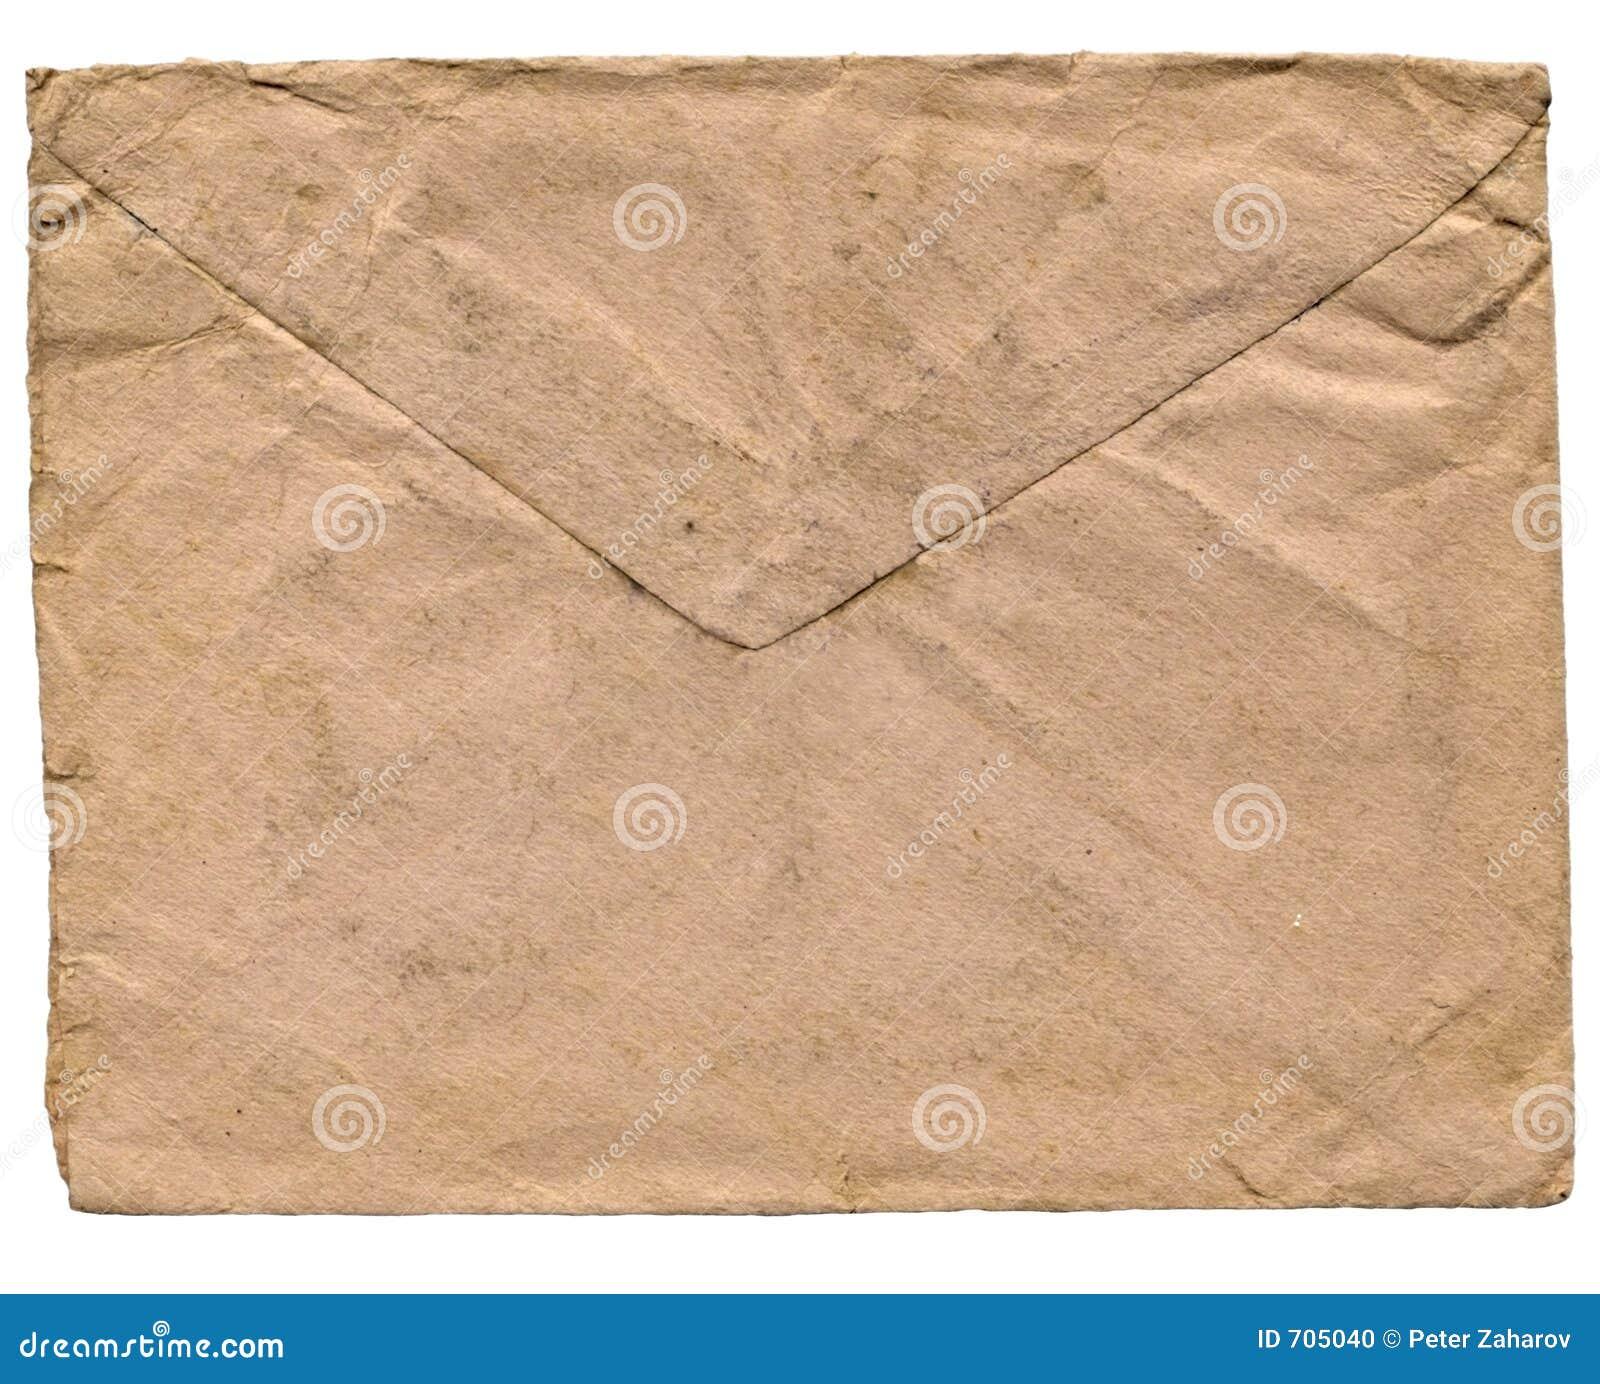 Italian handwritten postcard letter stock photo image 39254147 - Vintage Envelope For Letter Stock Photo